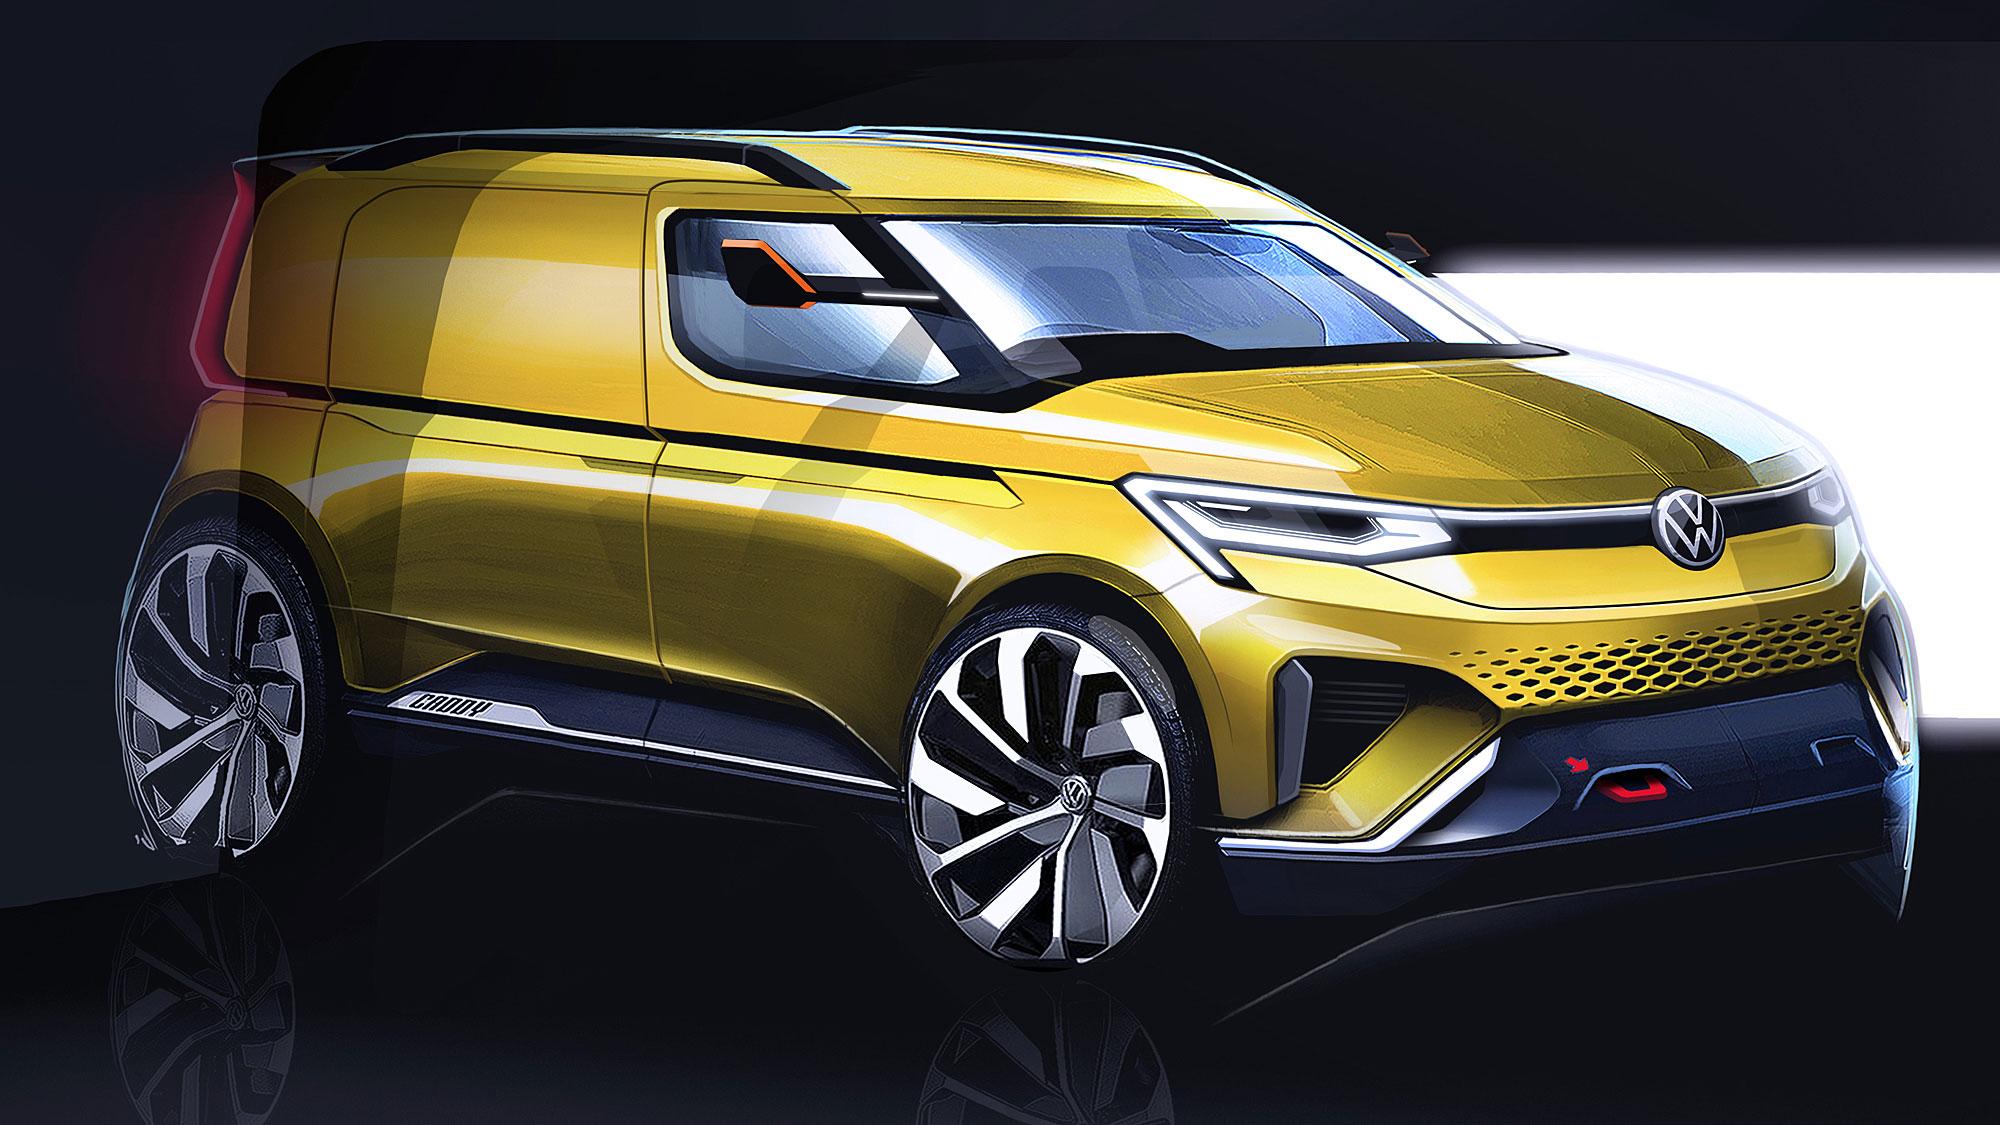 新世代 Caddy 的外表將更流線且動感。